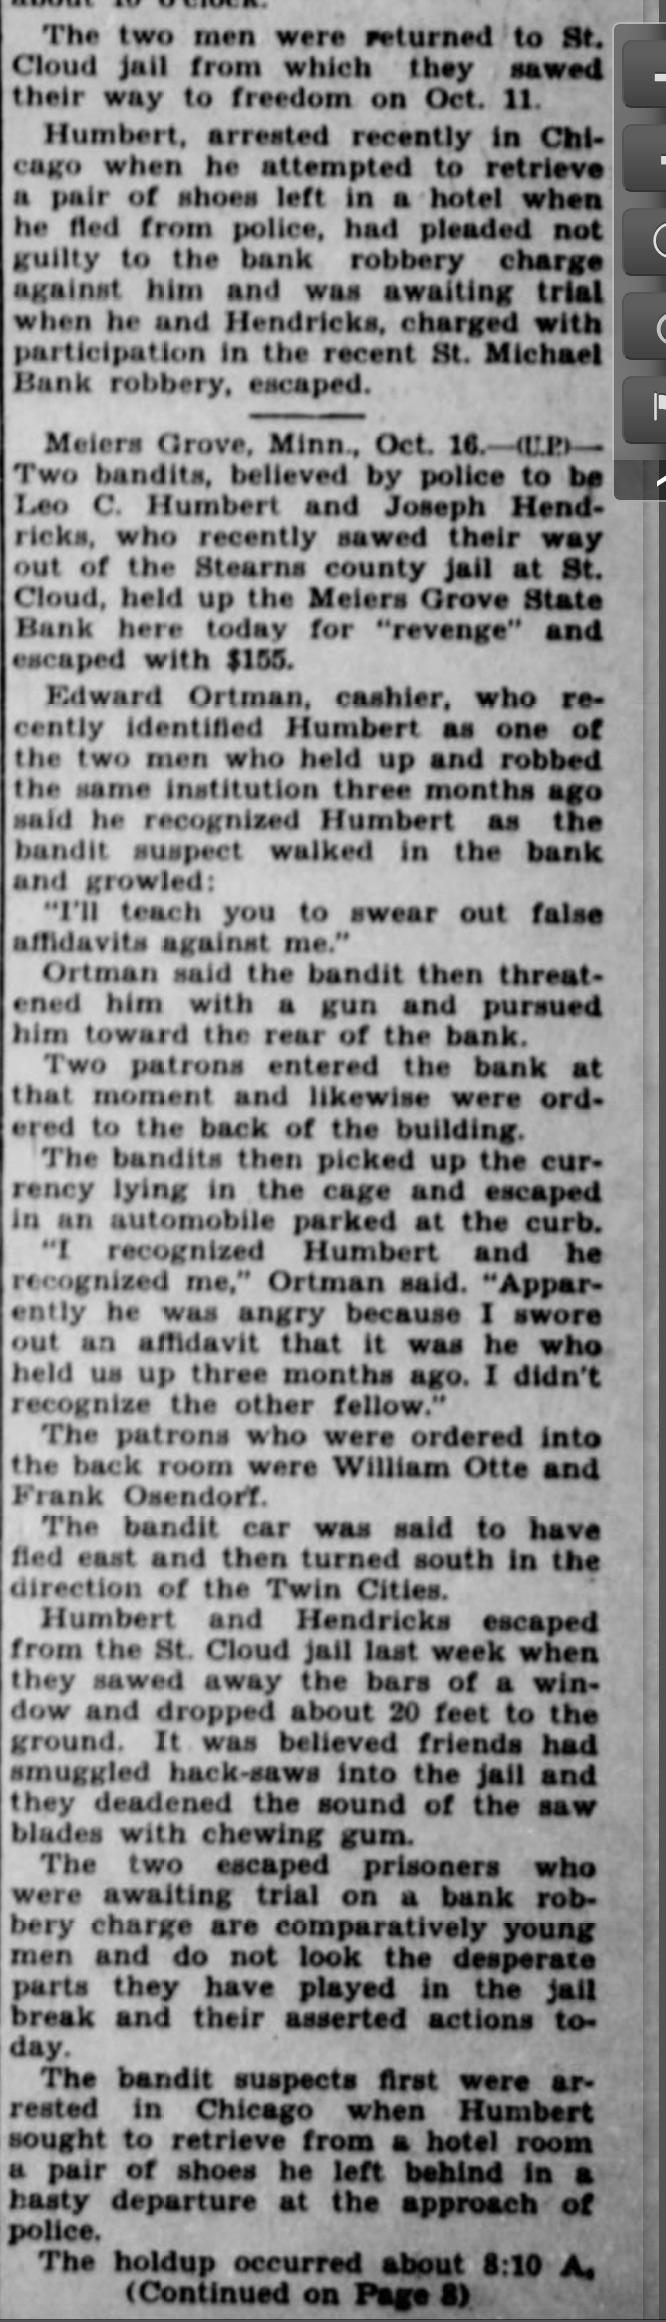 brainerd daily dispatch 16 oct 1929 part 2